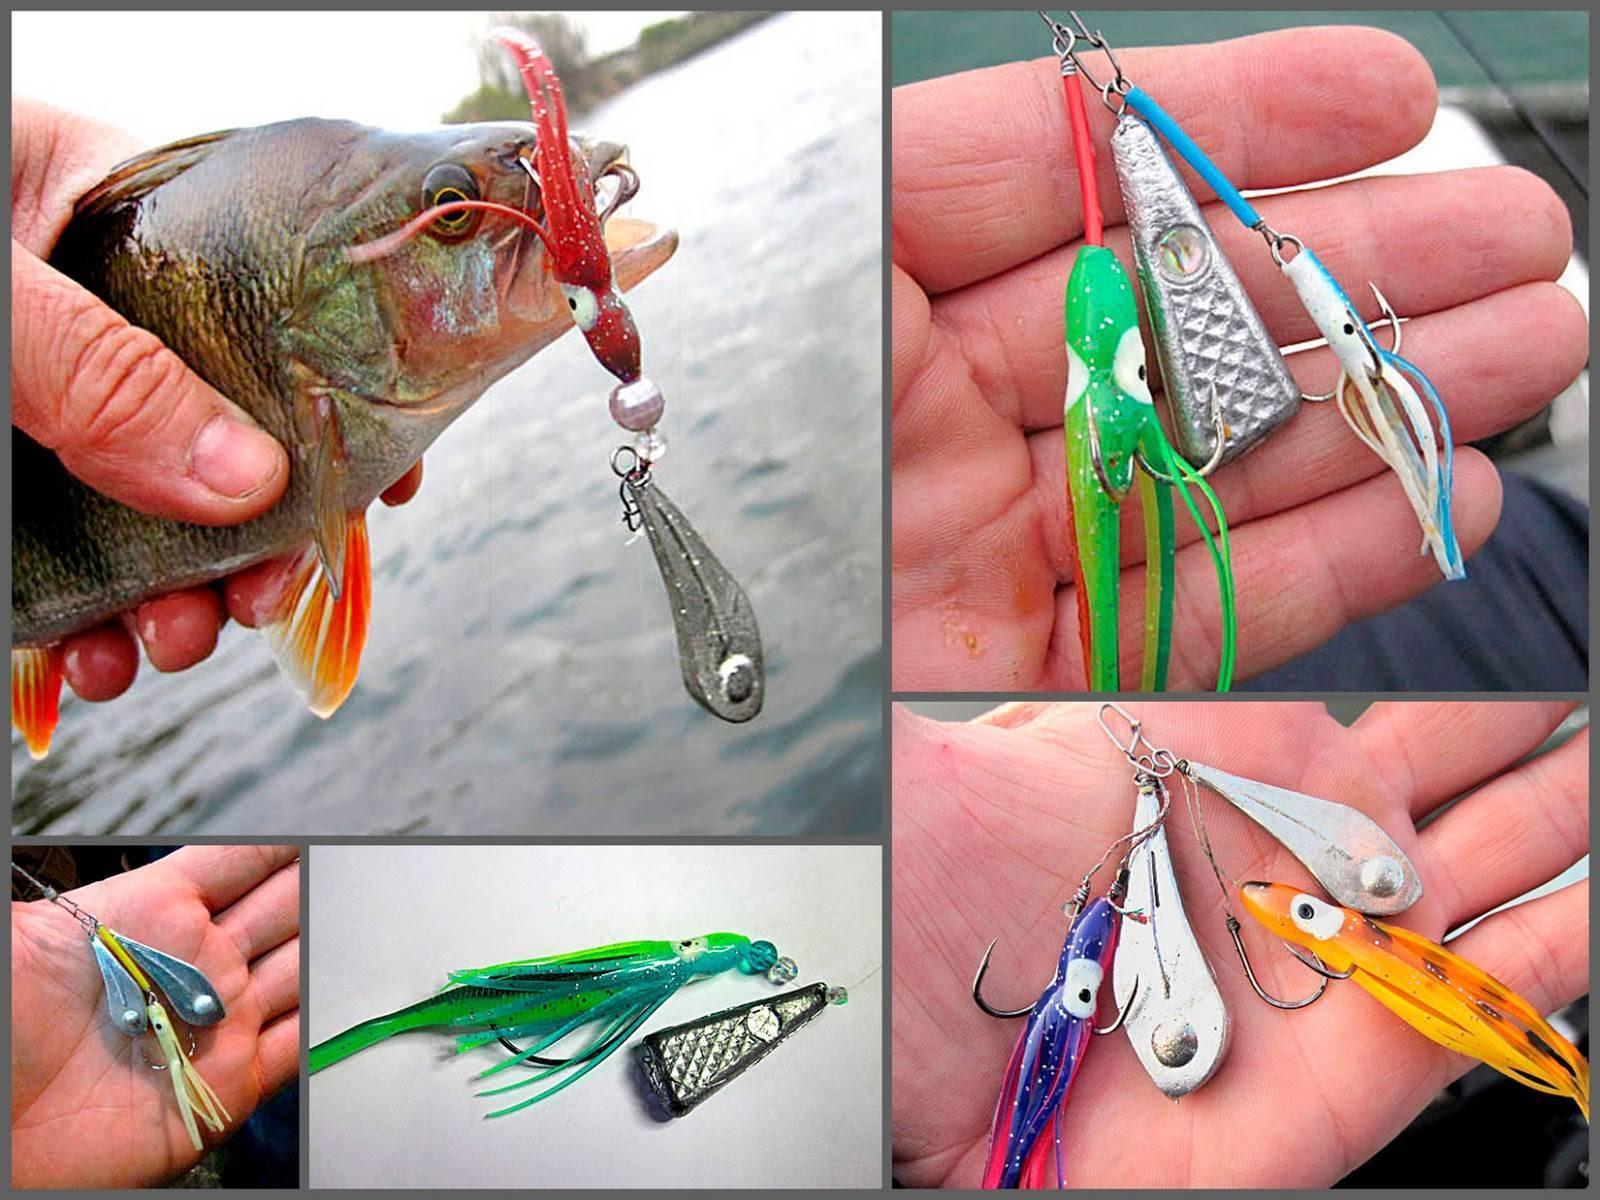 Рыболовные снасти - что купить, если завтра на рыбалку? июль 2020